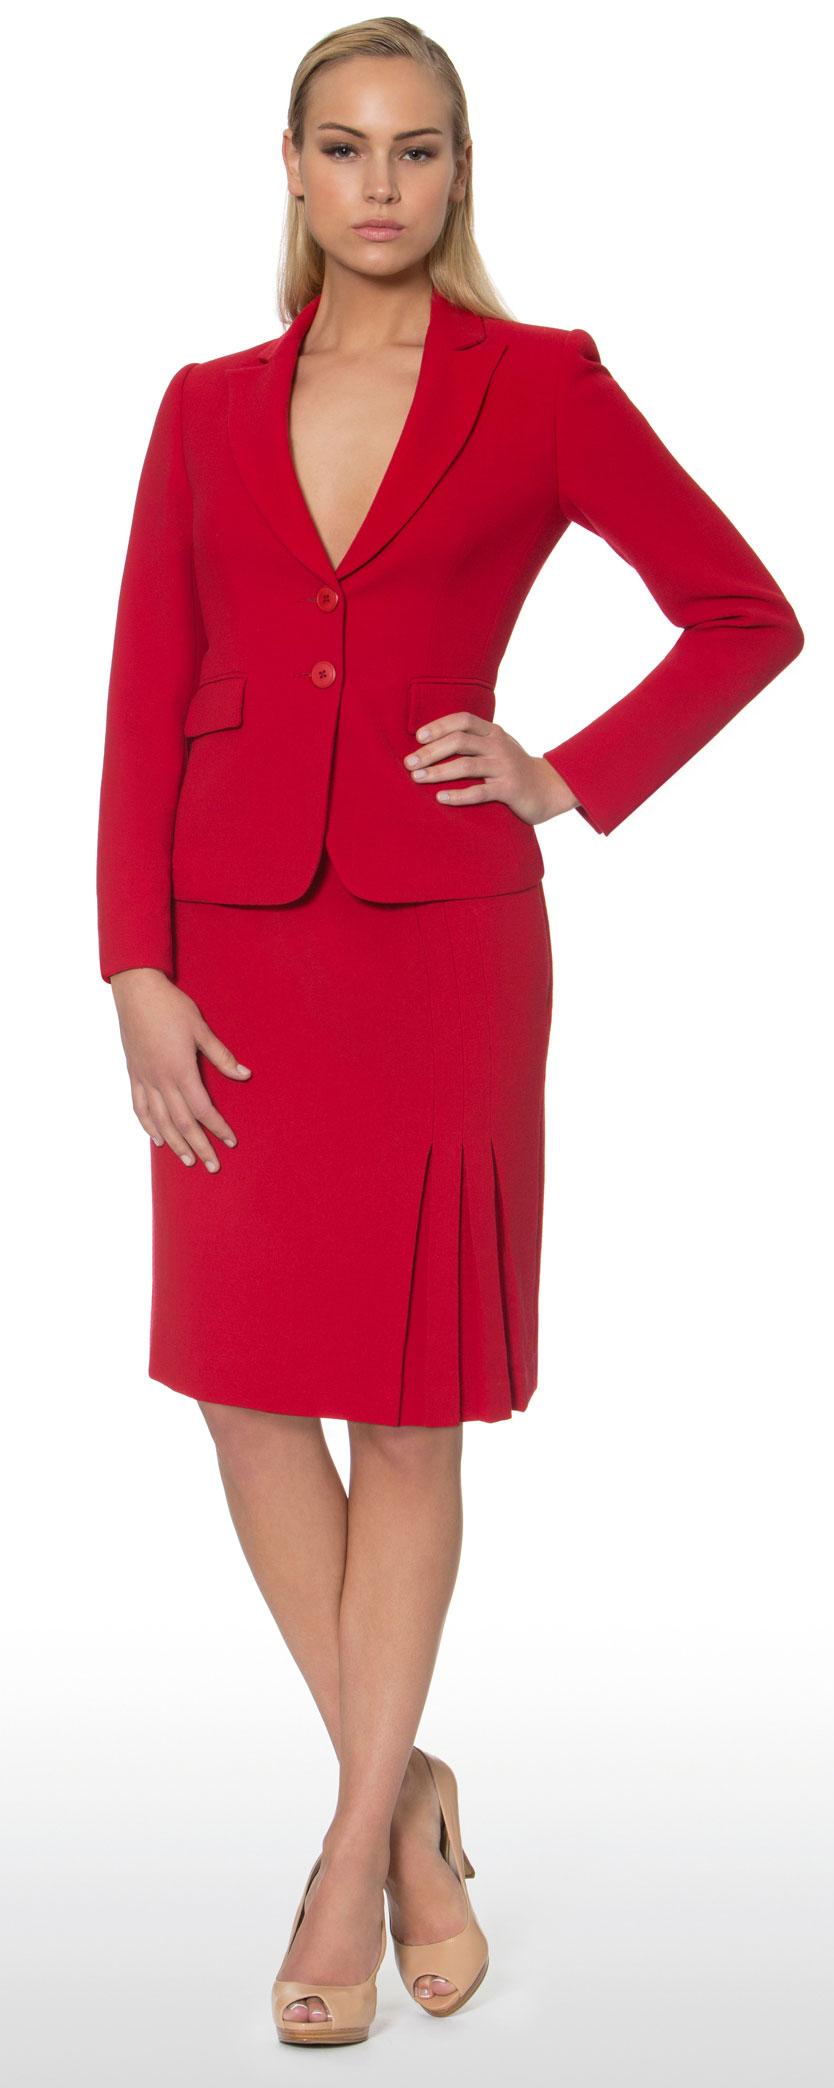 Z-Form-Uniform-Kelsy-Zimba-Jacket-WJ1-Skirt-WS1.jpg